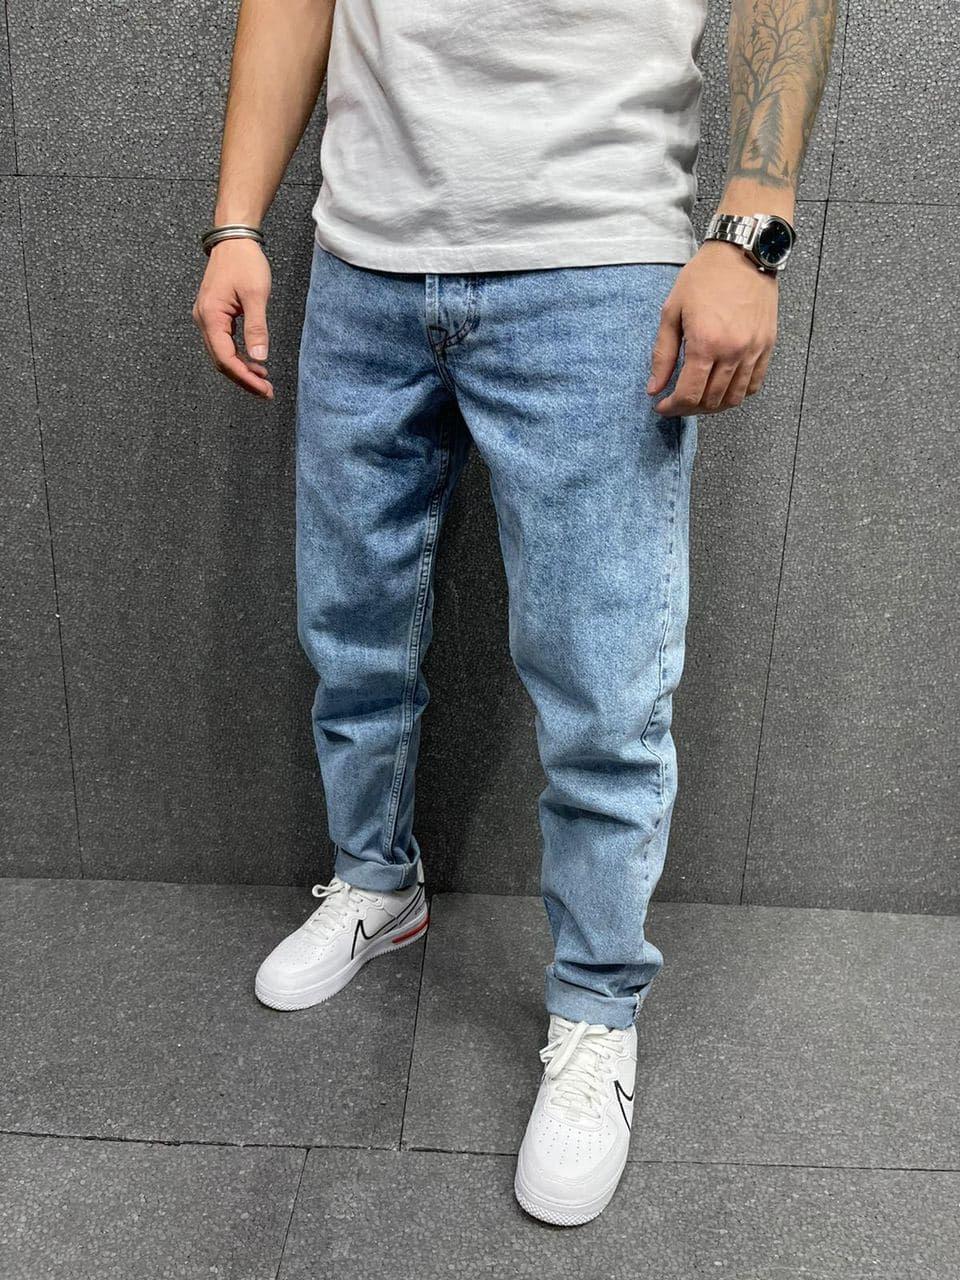 Джинсы - Мужские светлые джинсы бойфренд